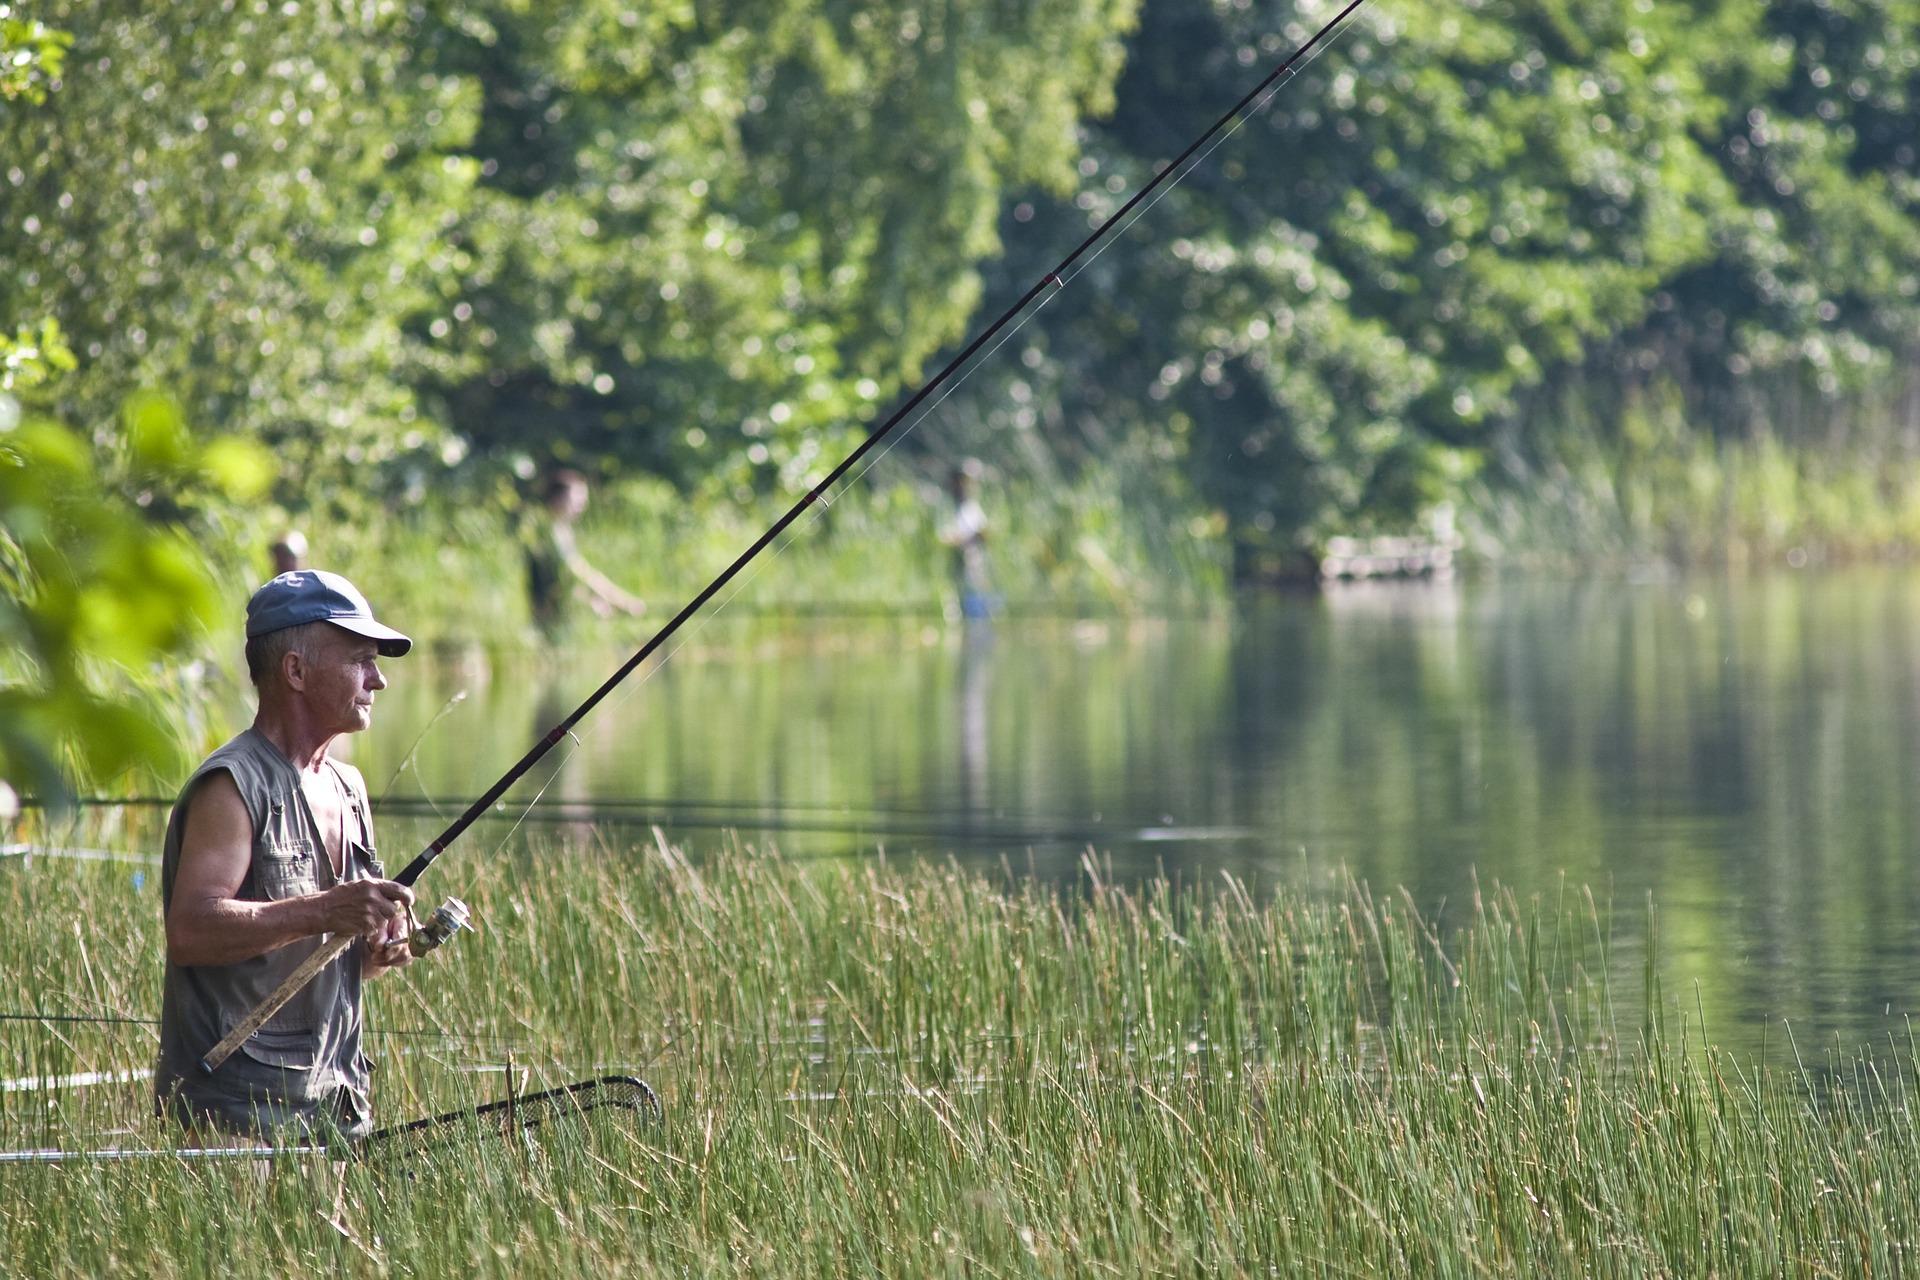 Mit érdemes tudni az új horgászkártyáról?